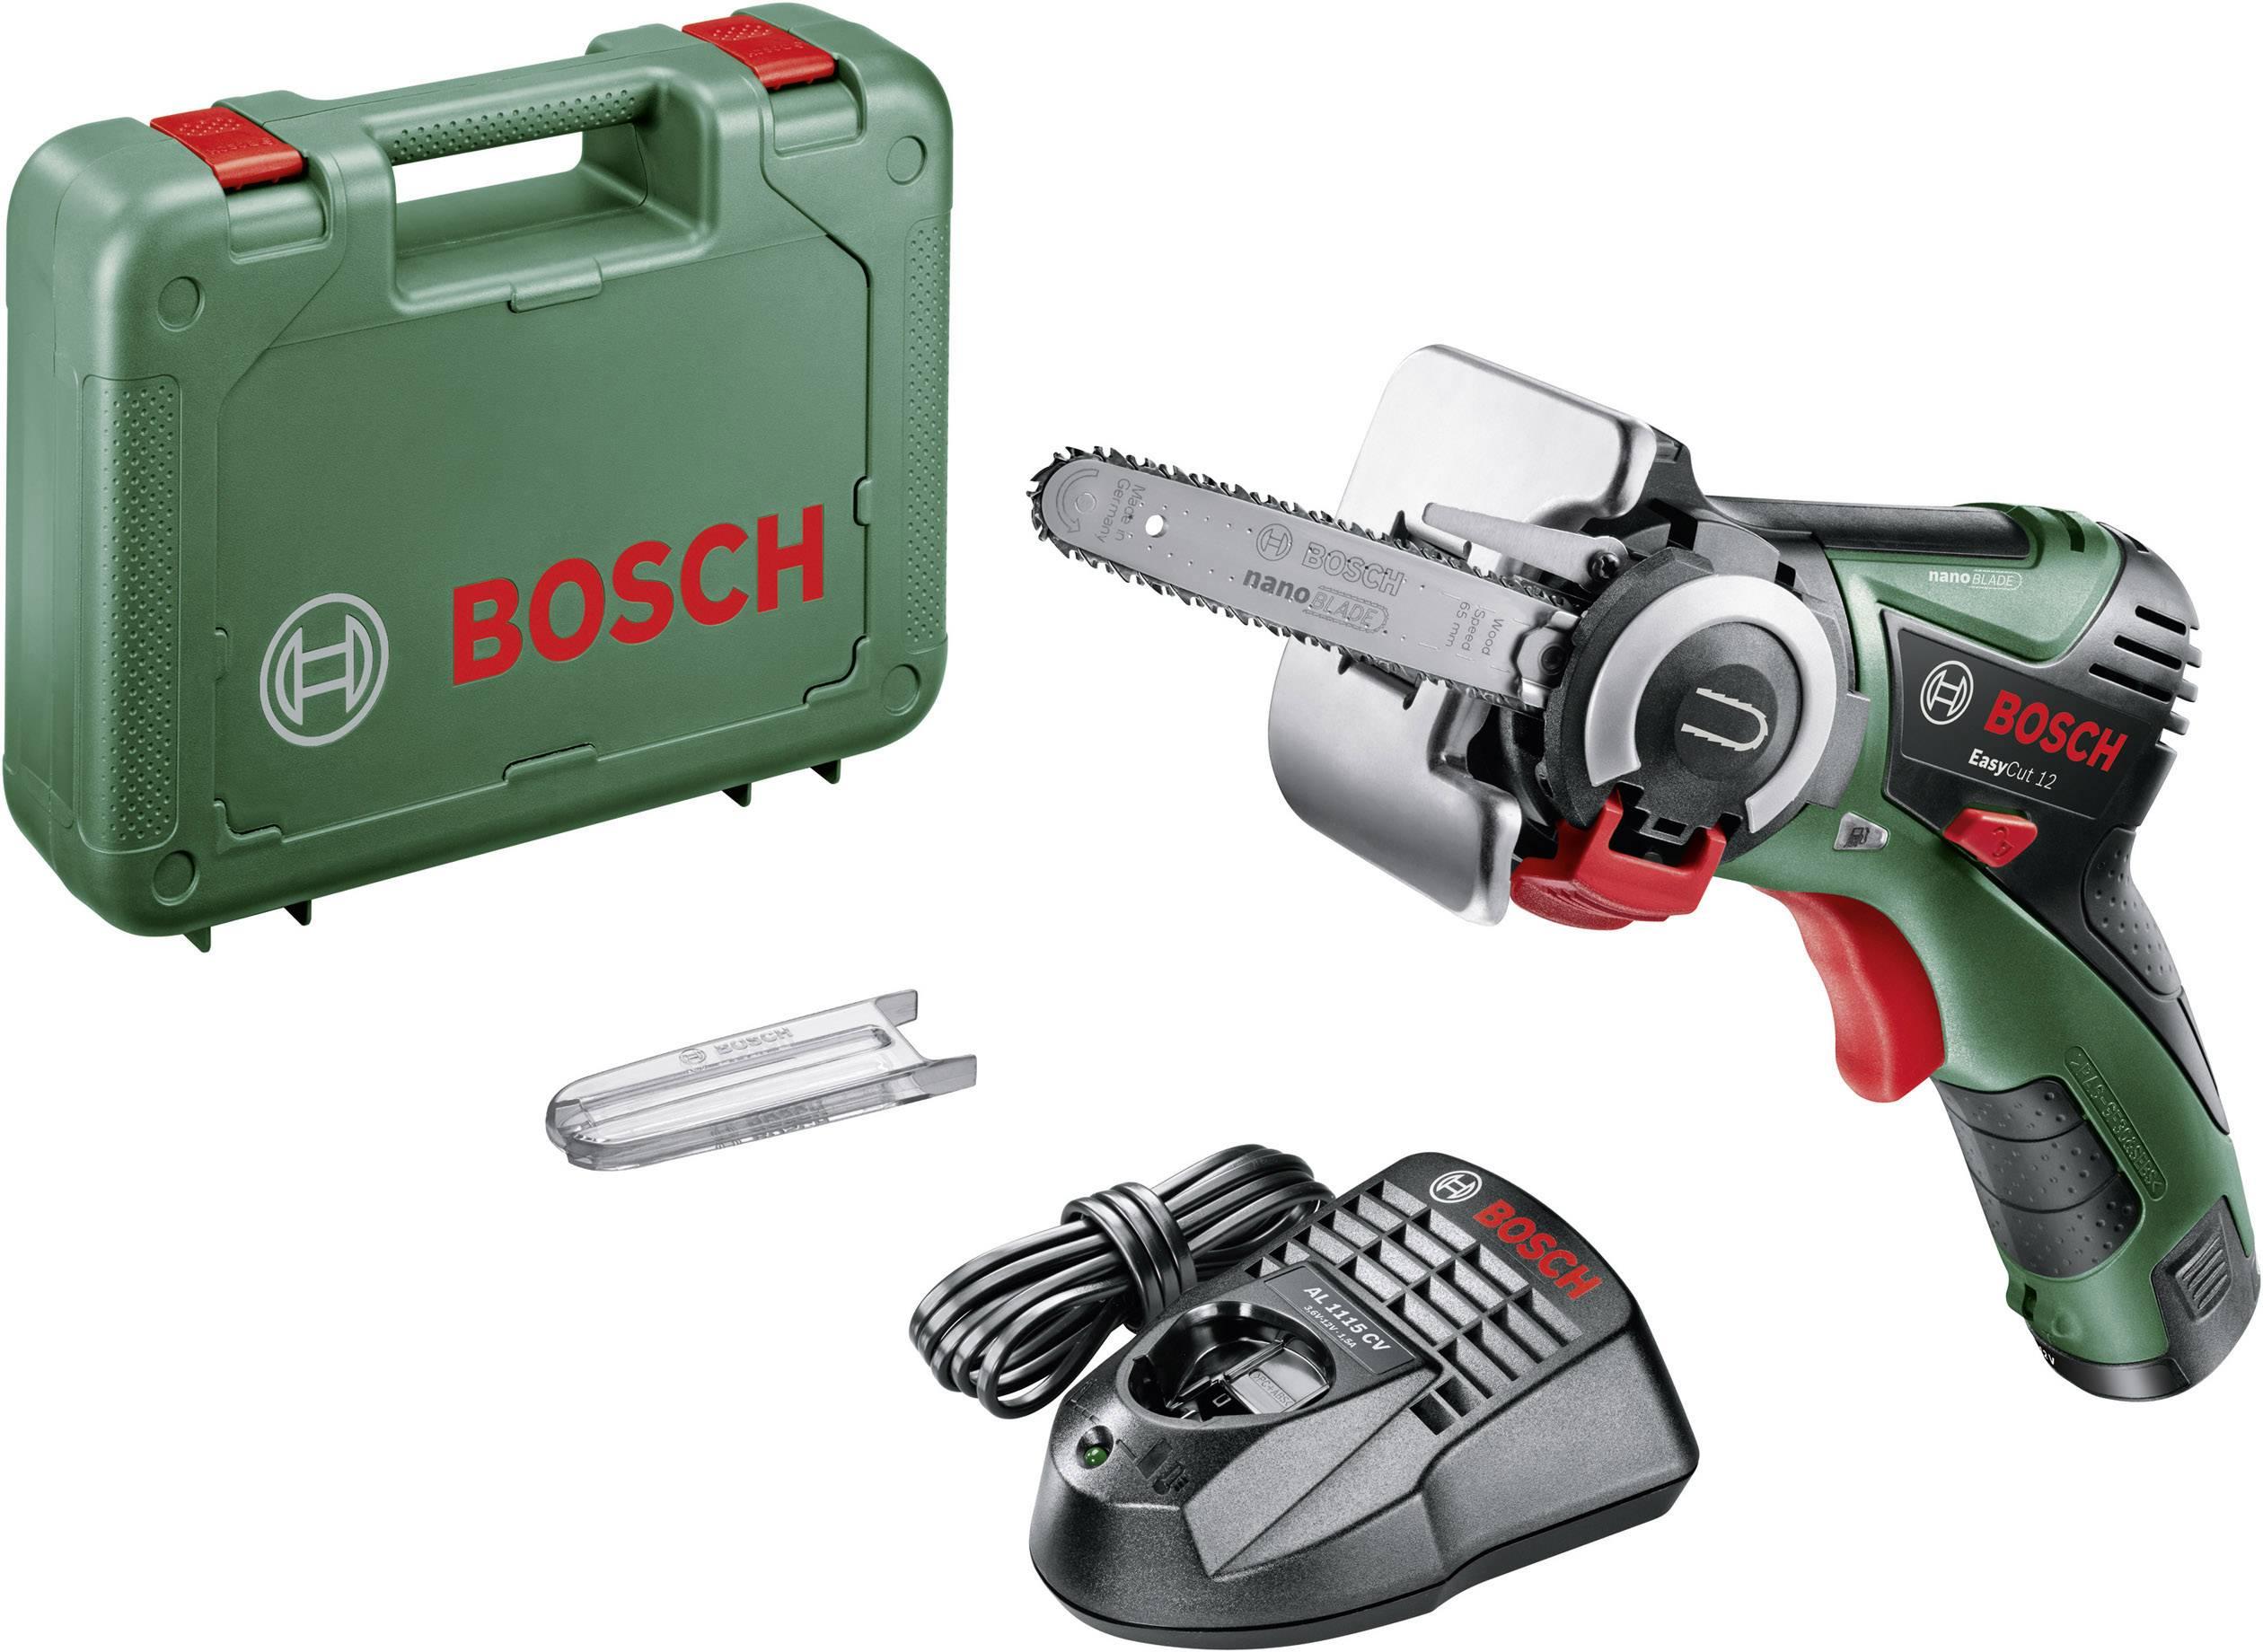 Akumulátorová motorová píla Bosch Home and Garden EasyCut 12, + akumulátor, + púzdro